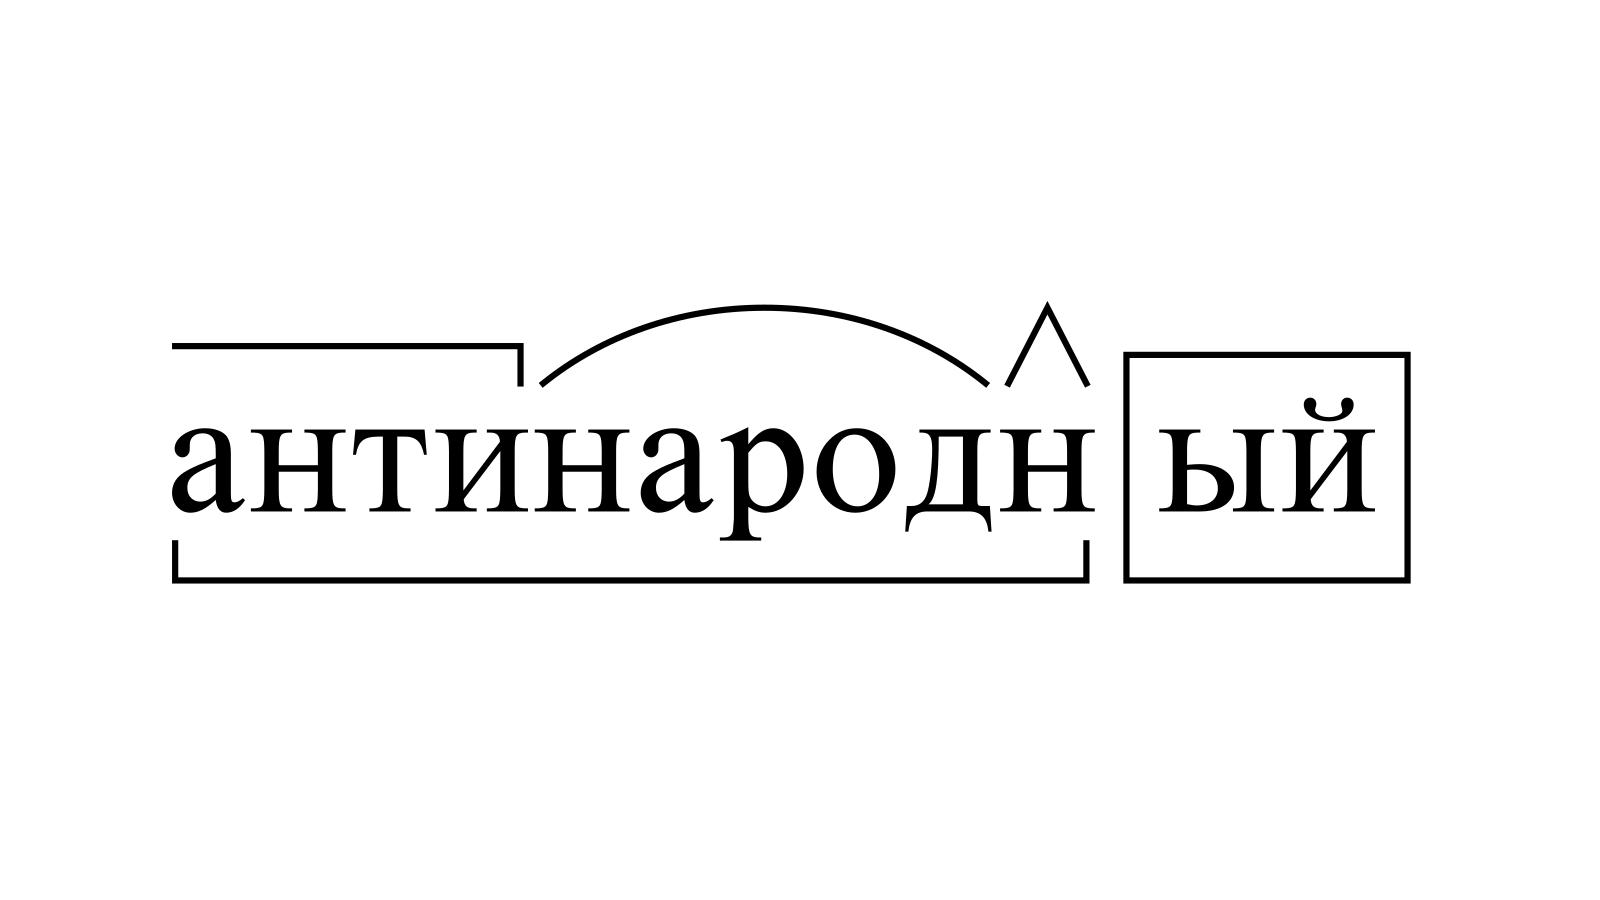 Разбор слова «антинародный» по составу